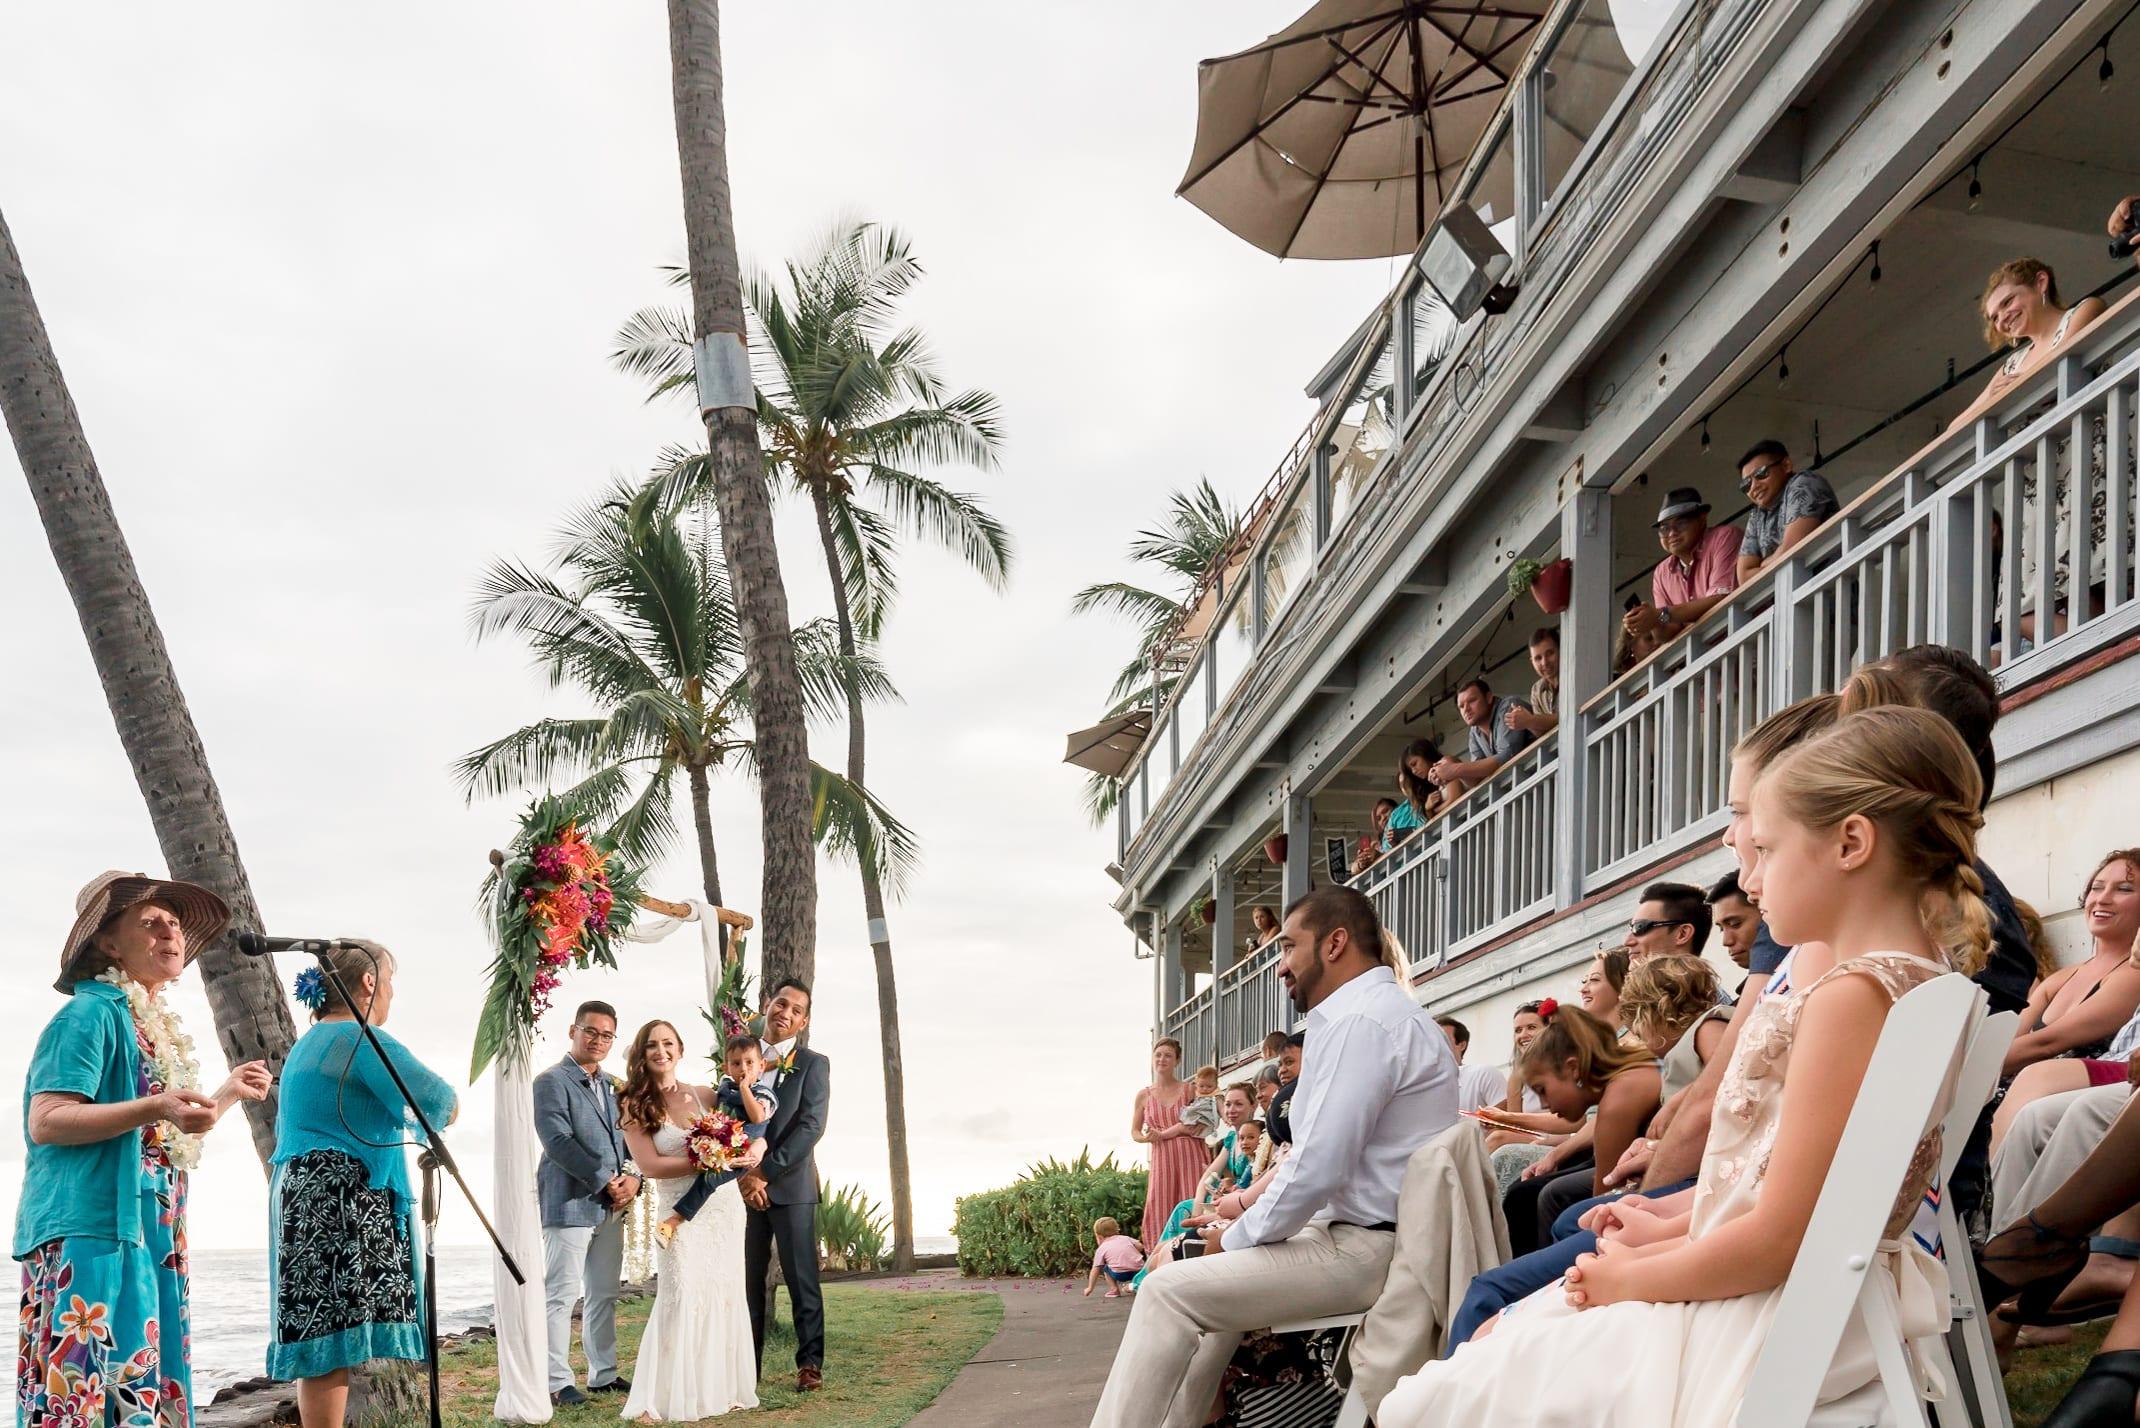 Big-Island-Hawaii-Jade-Keyes-Derrick-Alig-Daylight-Mind-Kailua-Kona-Hawaii-Wedding13.jpg